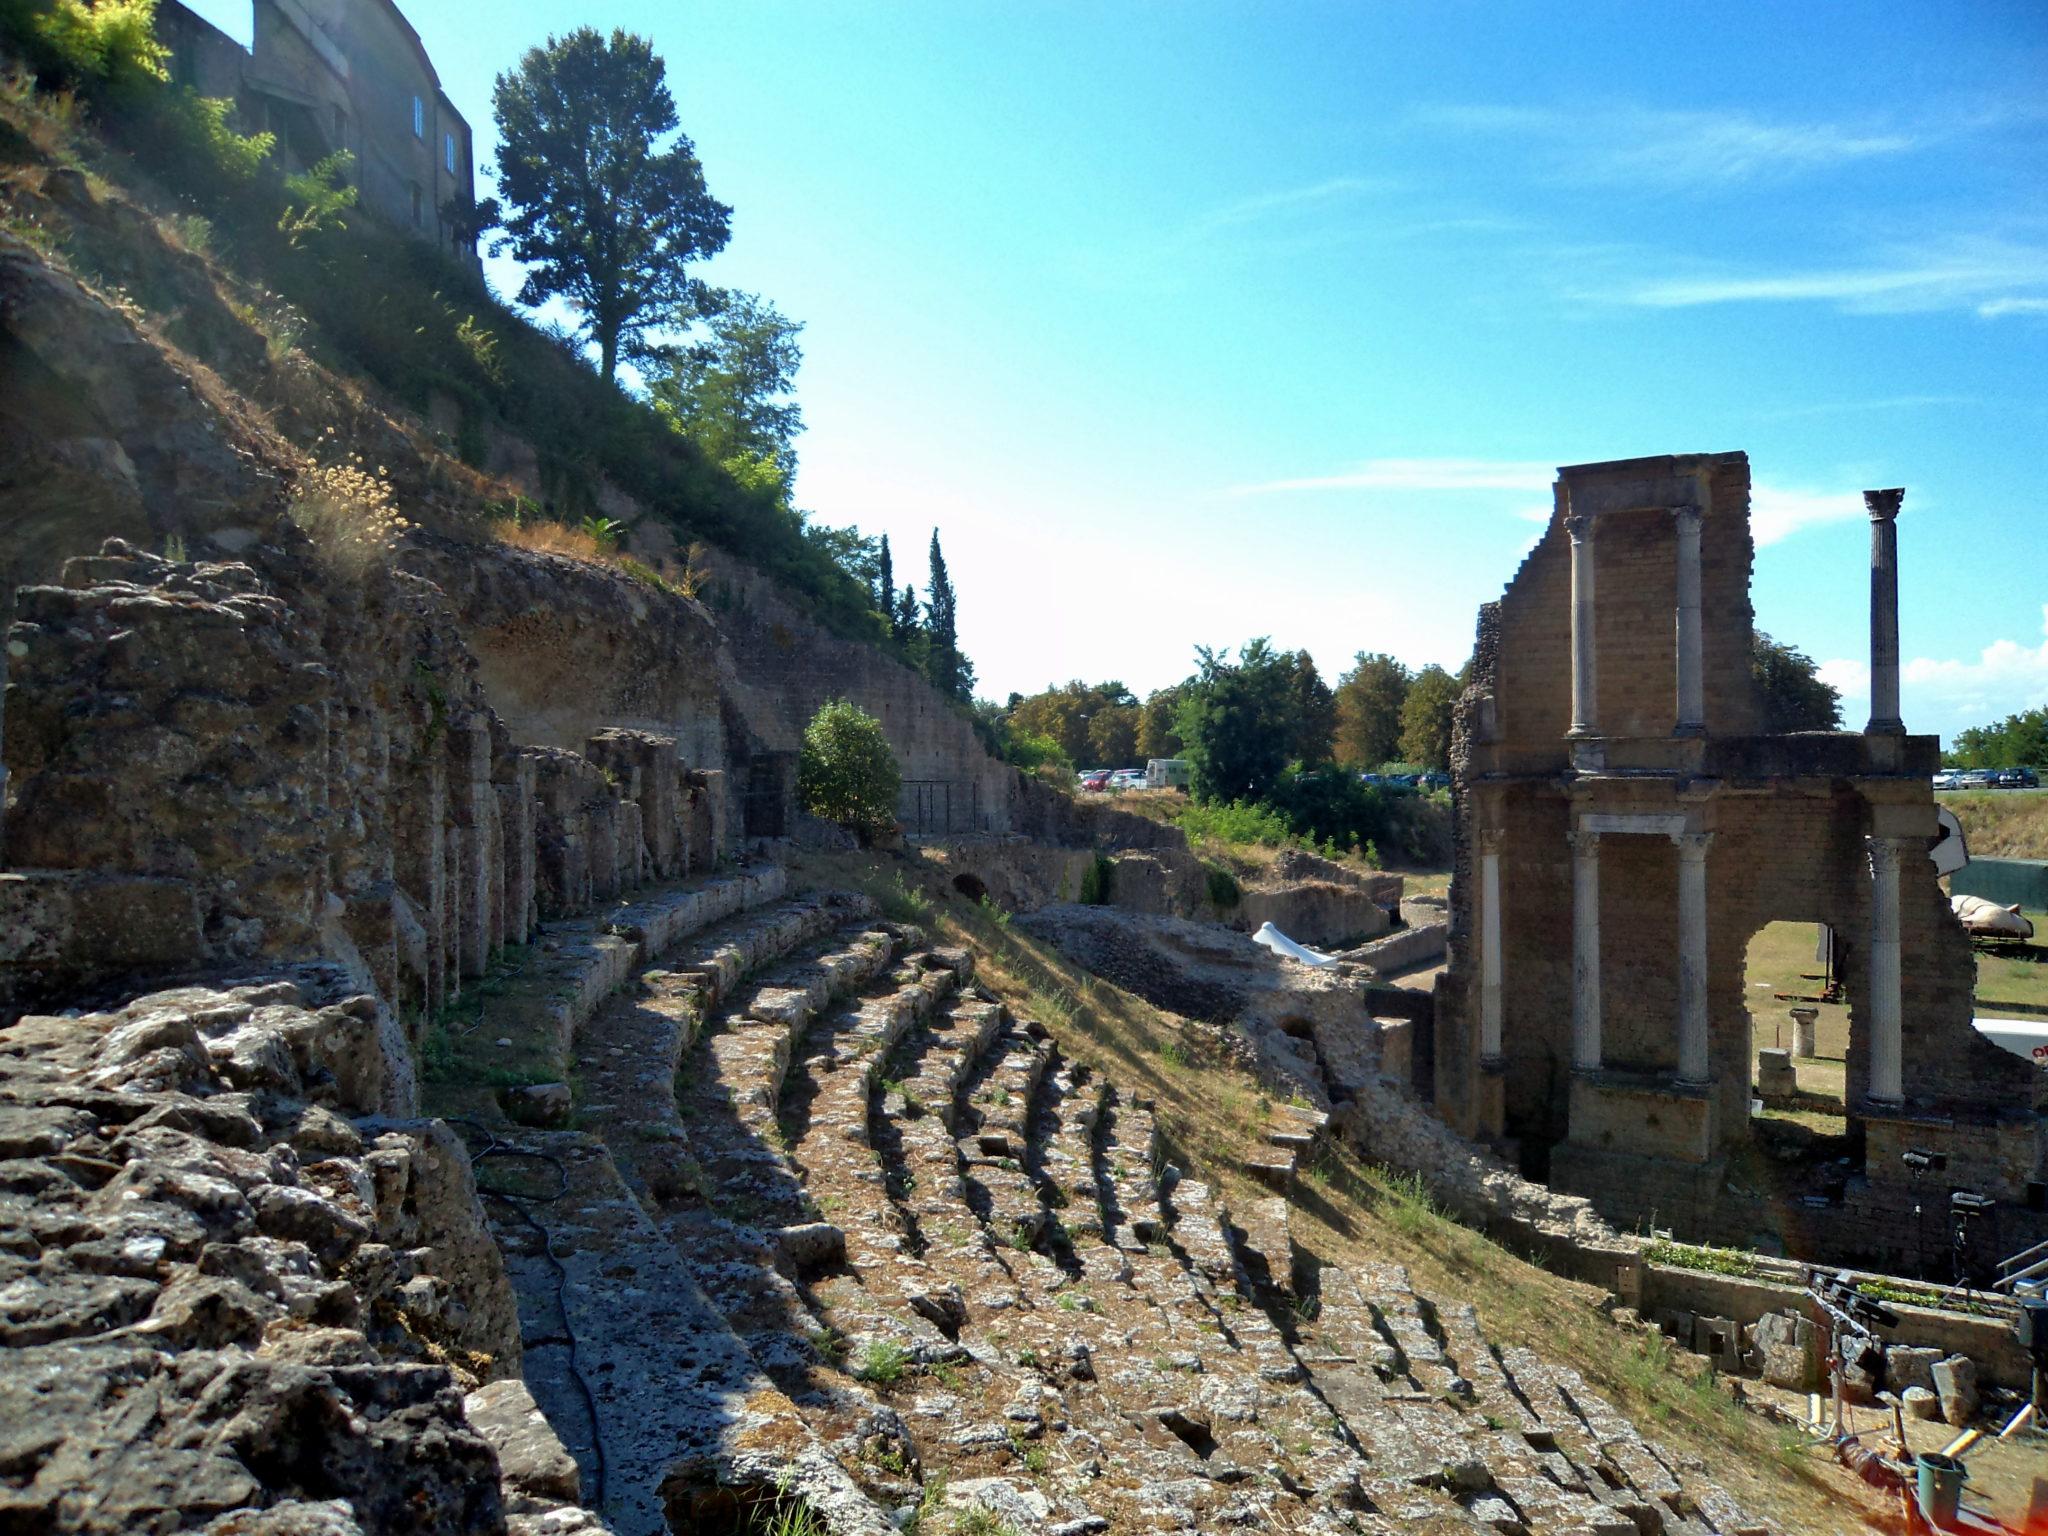 Rzymski amfiteatr w Volterrze